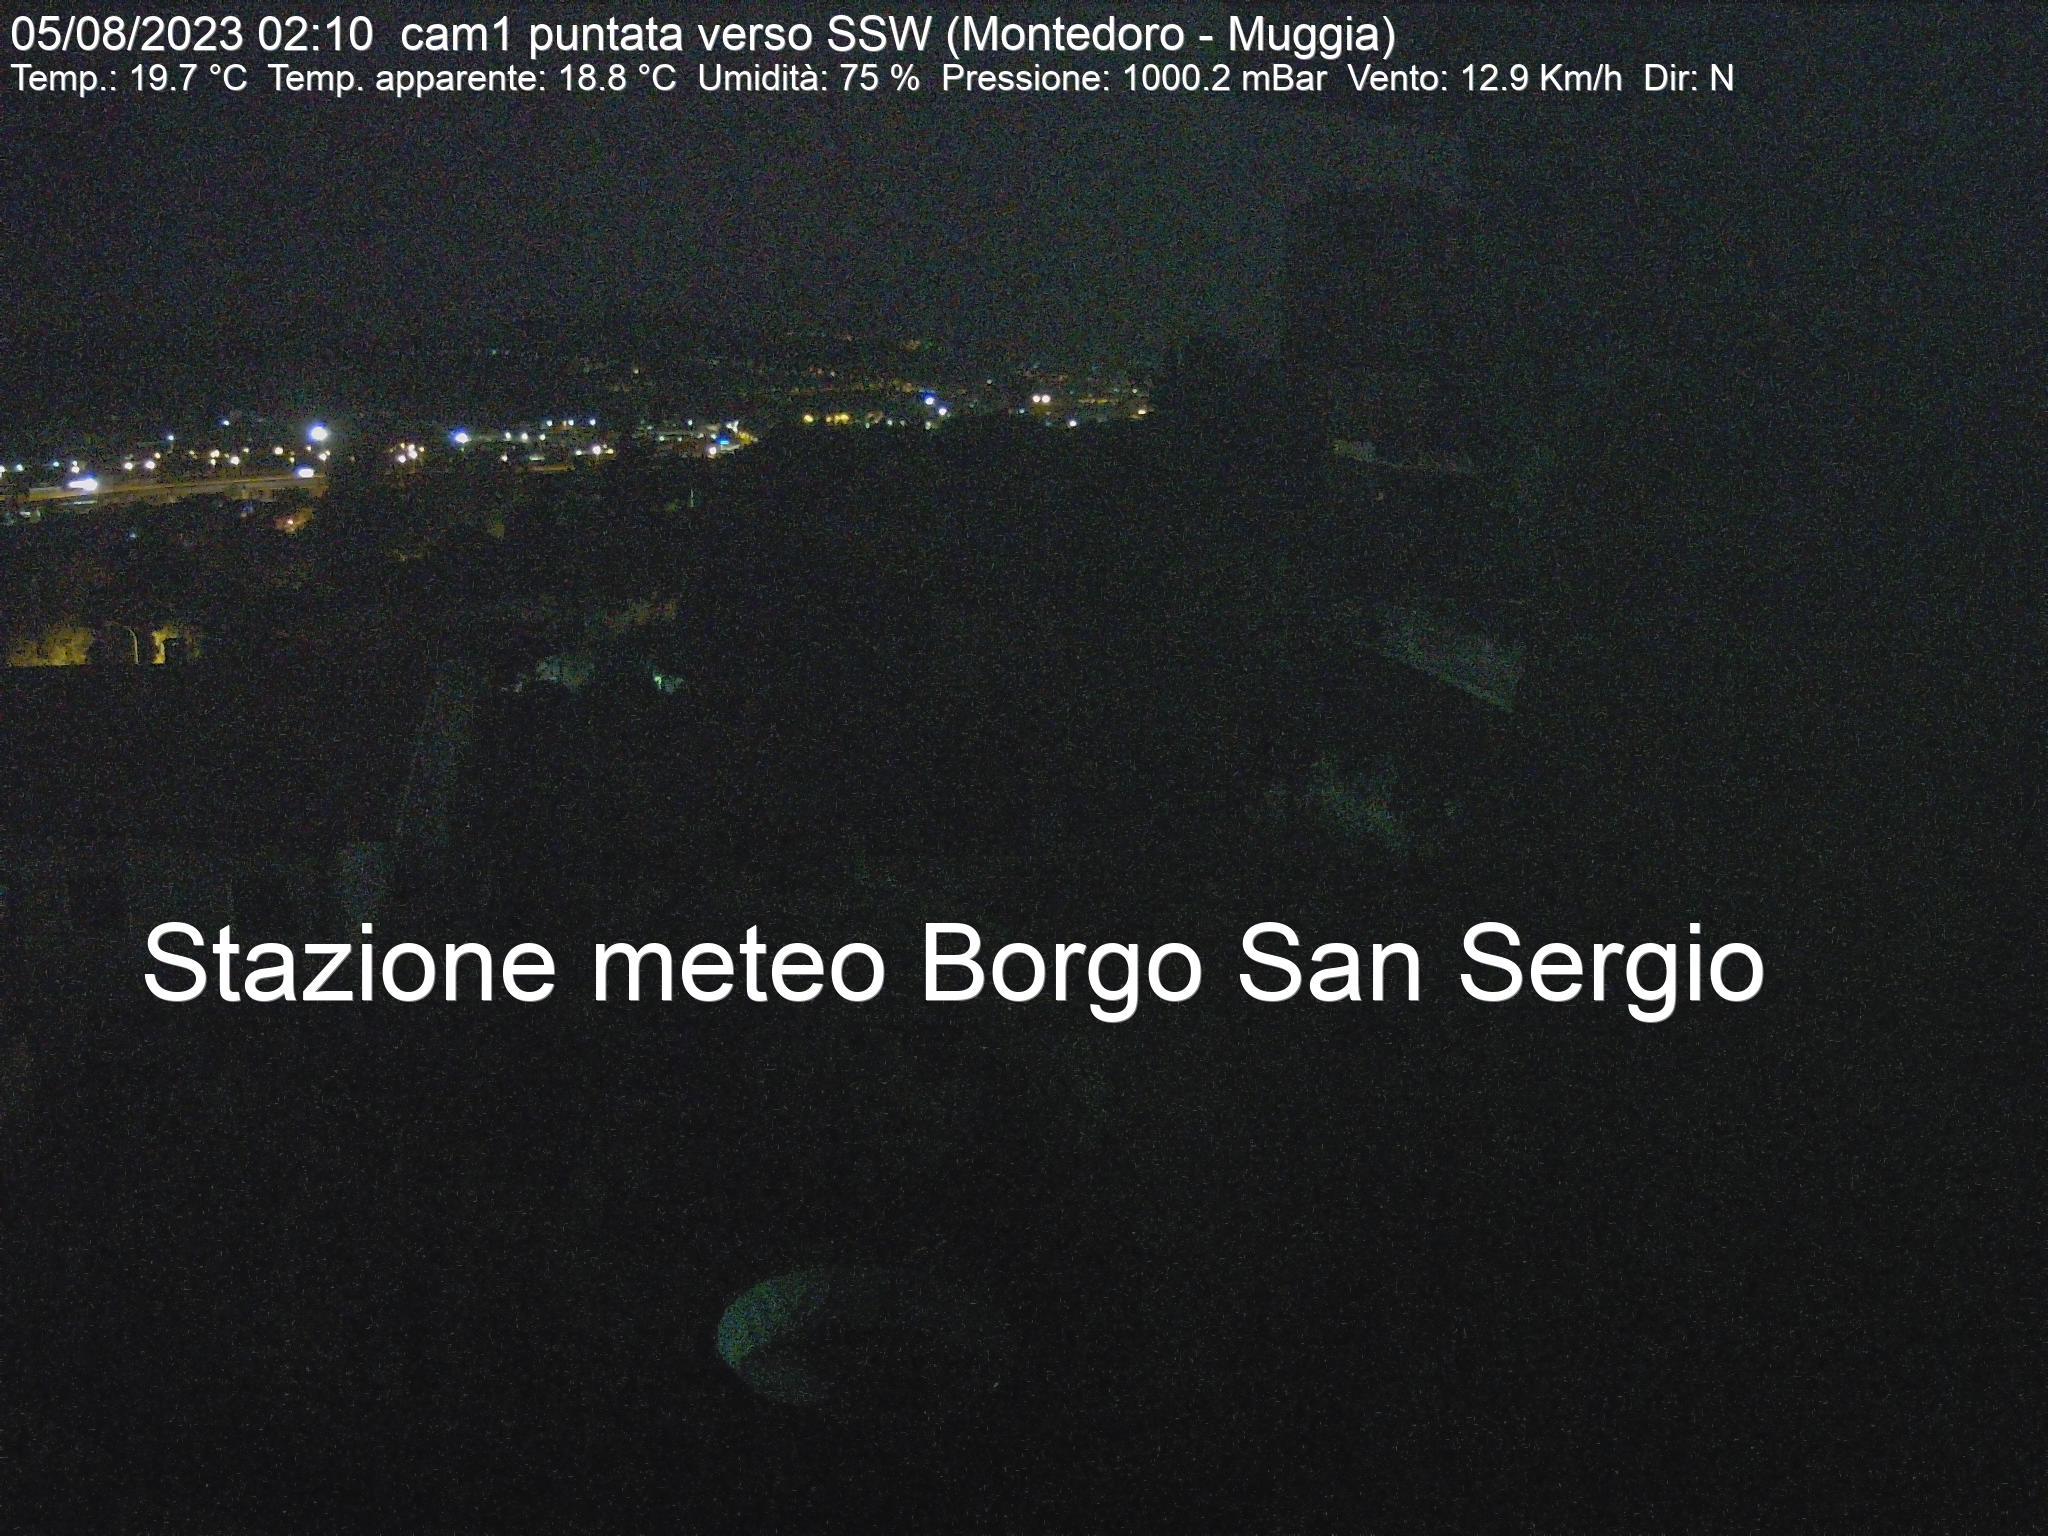 Vista verso Montedoro - Muggia